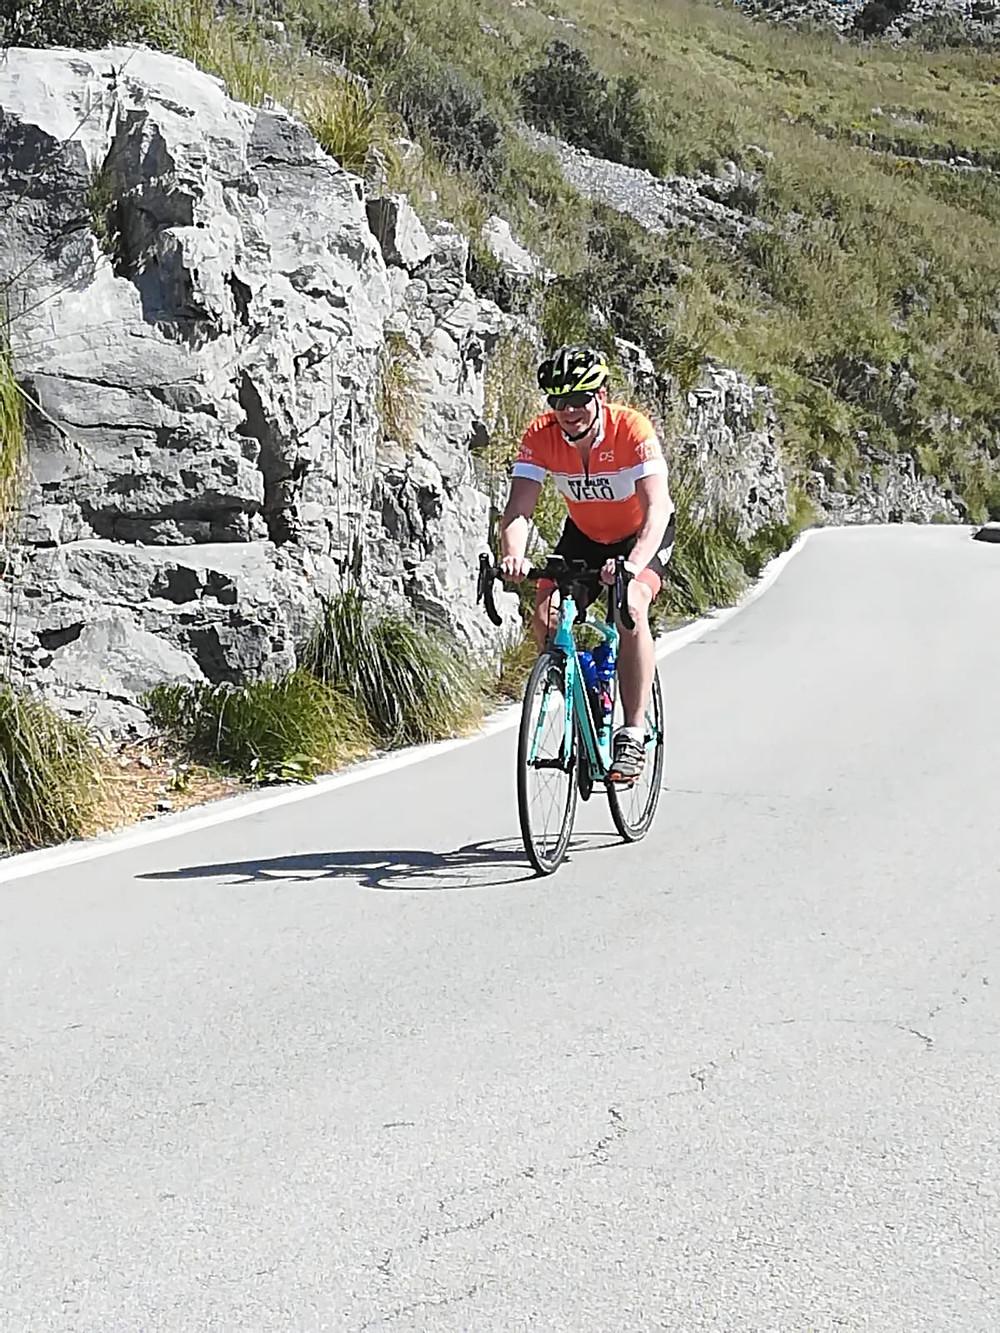 Malcom, New Malden Velo, Mallorca Cycle tour